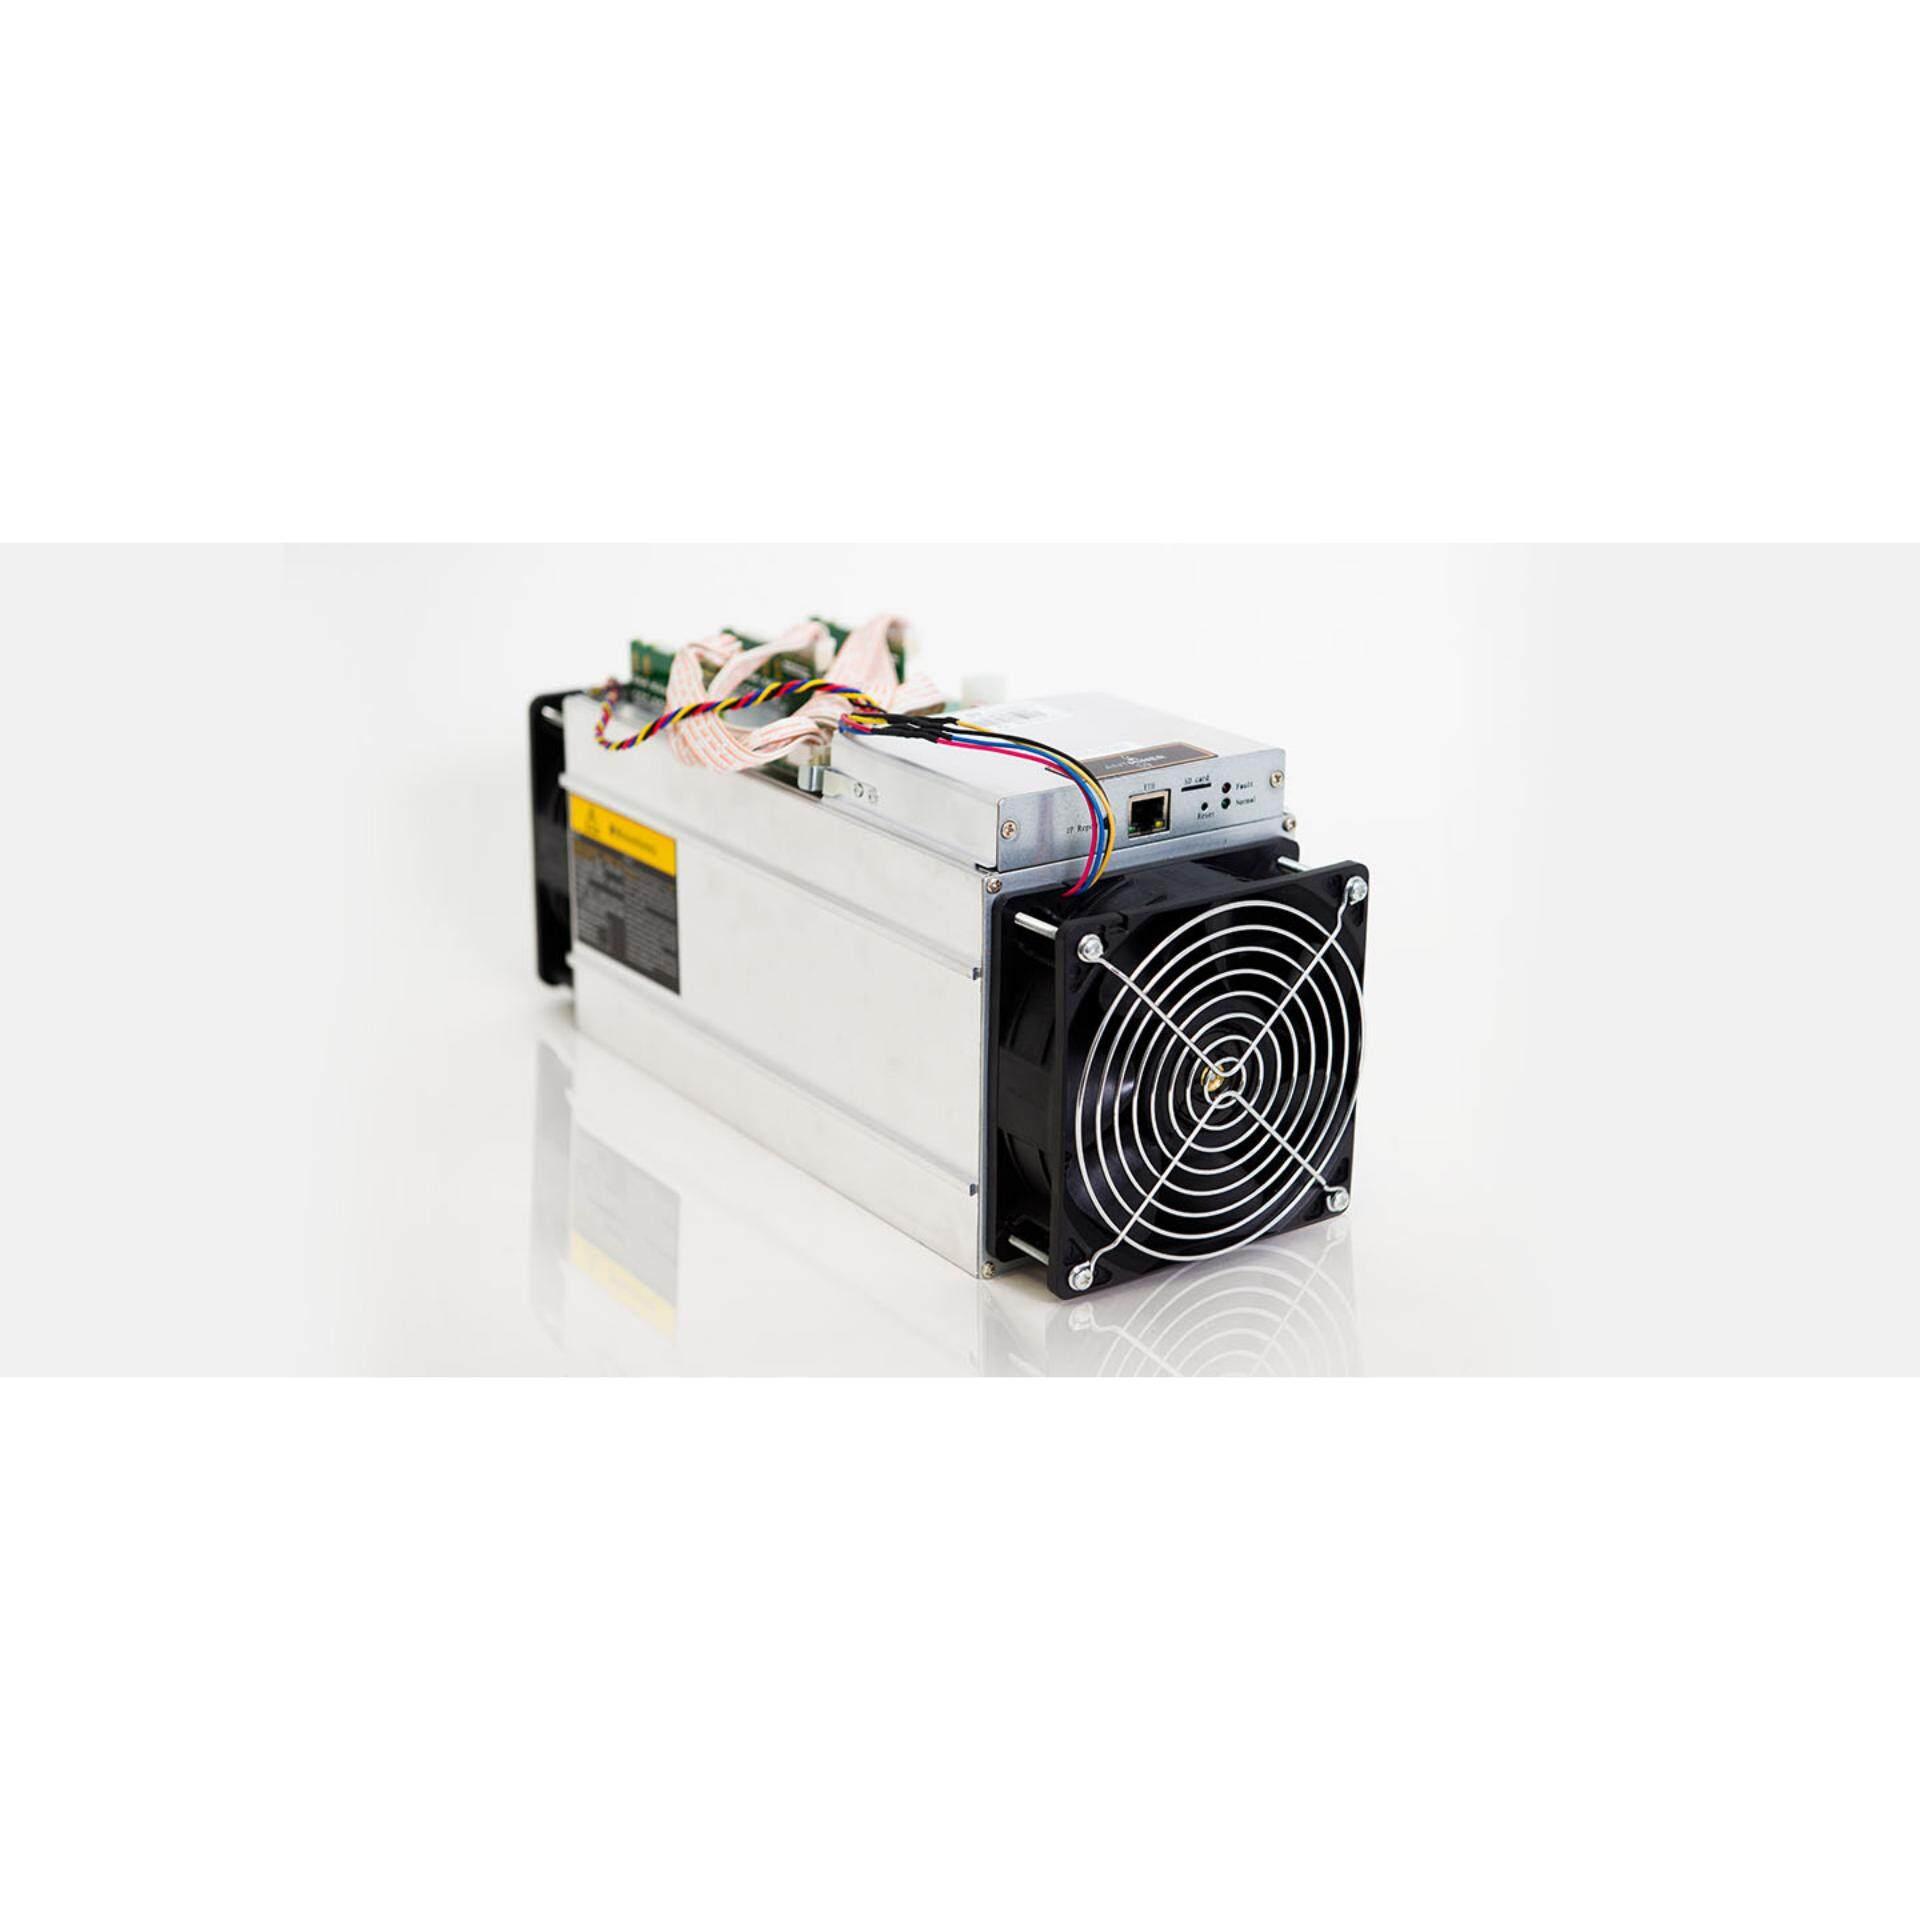 Antminer Bitcoin Mining Machine S9